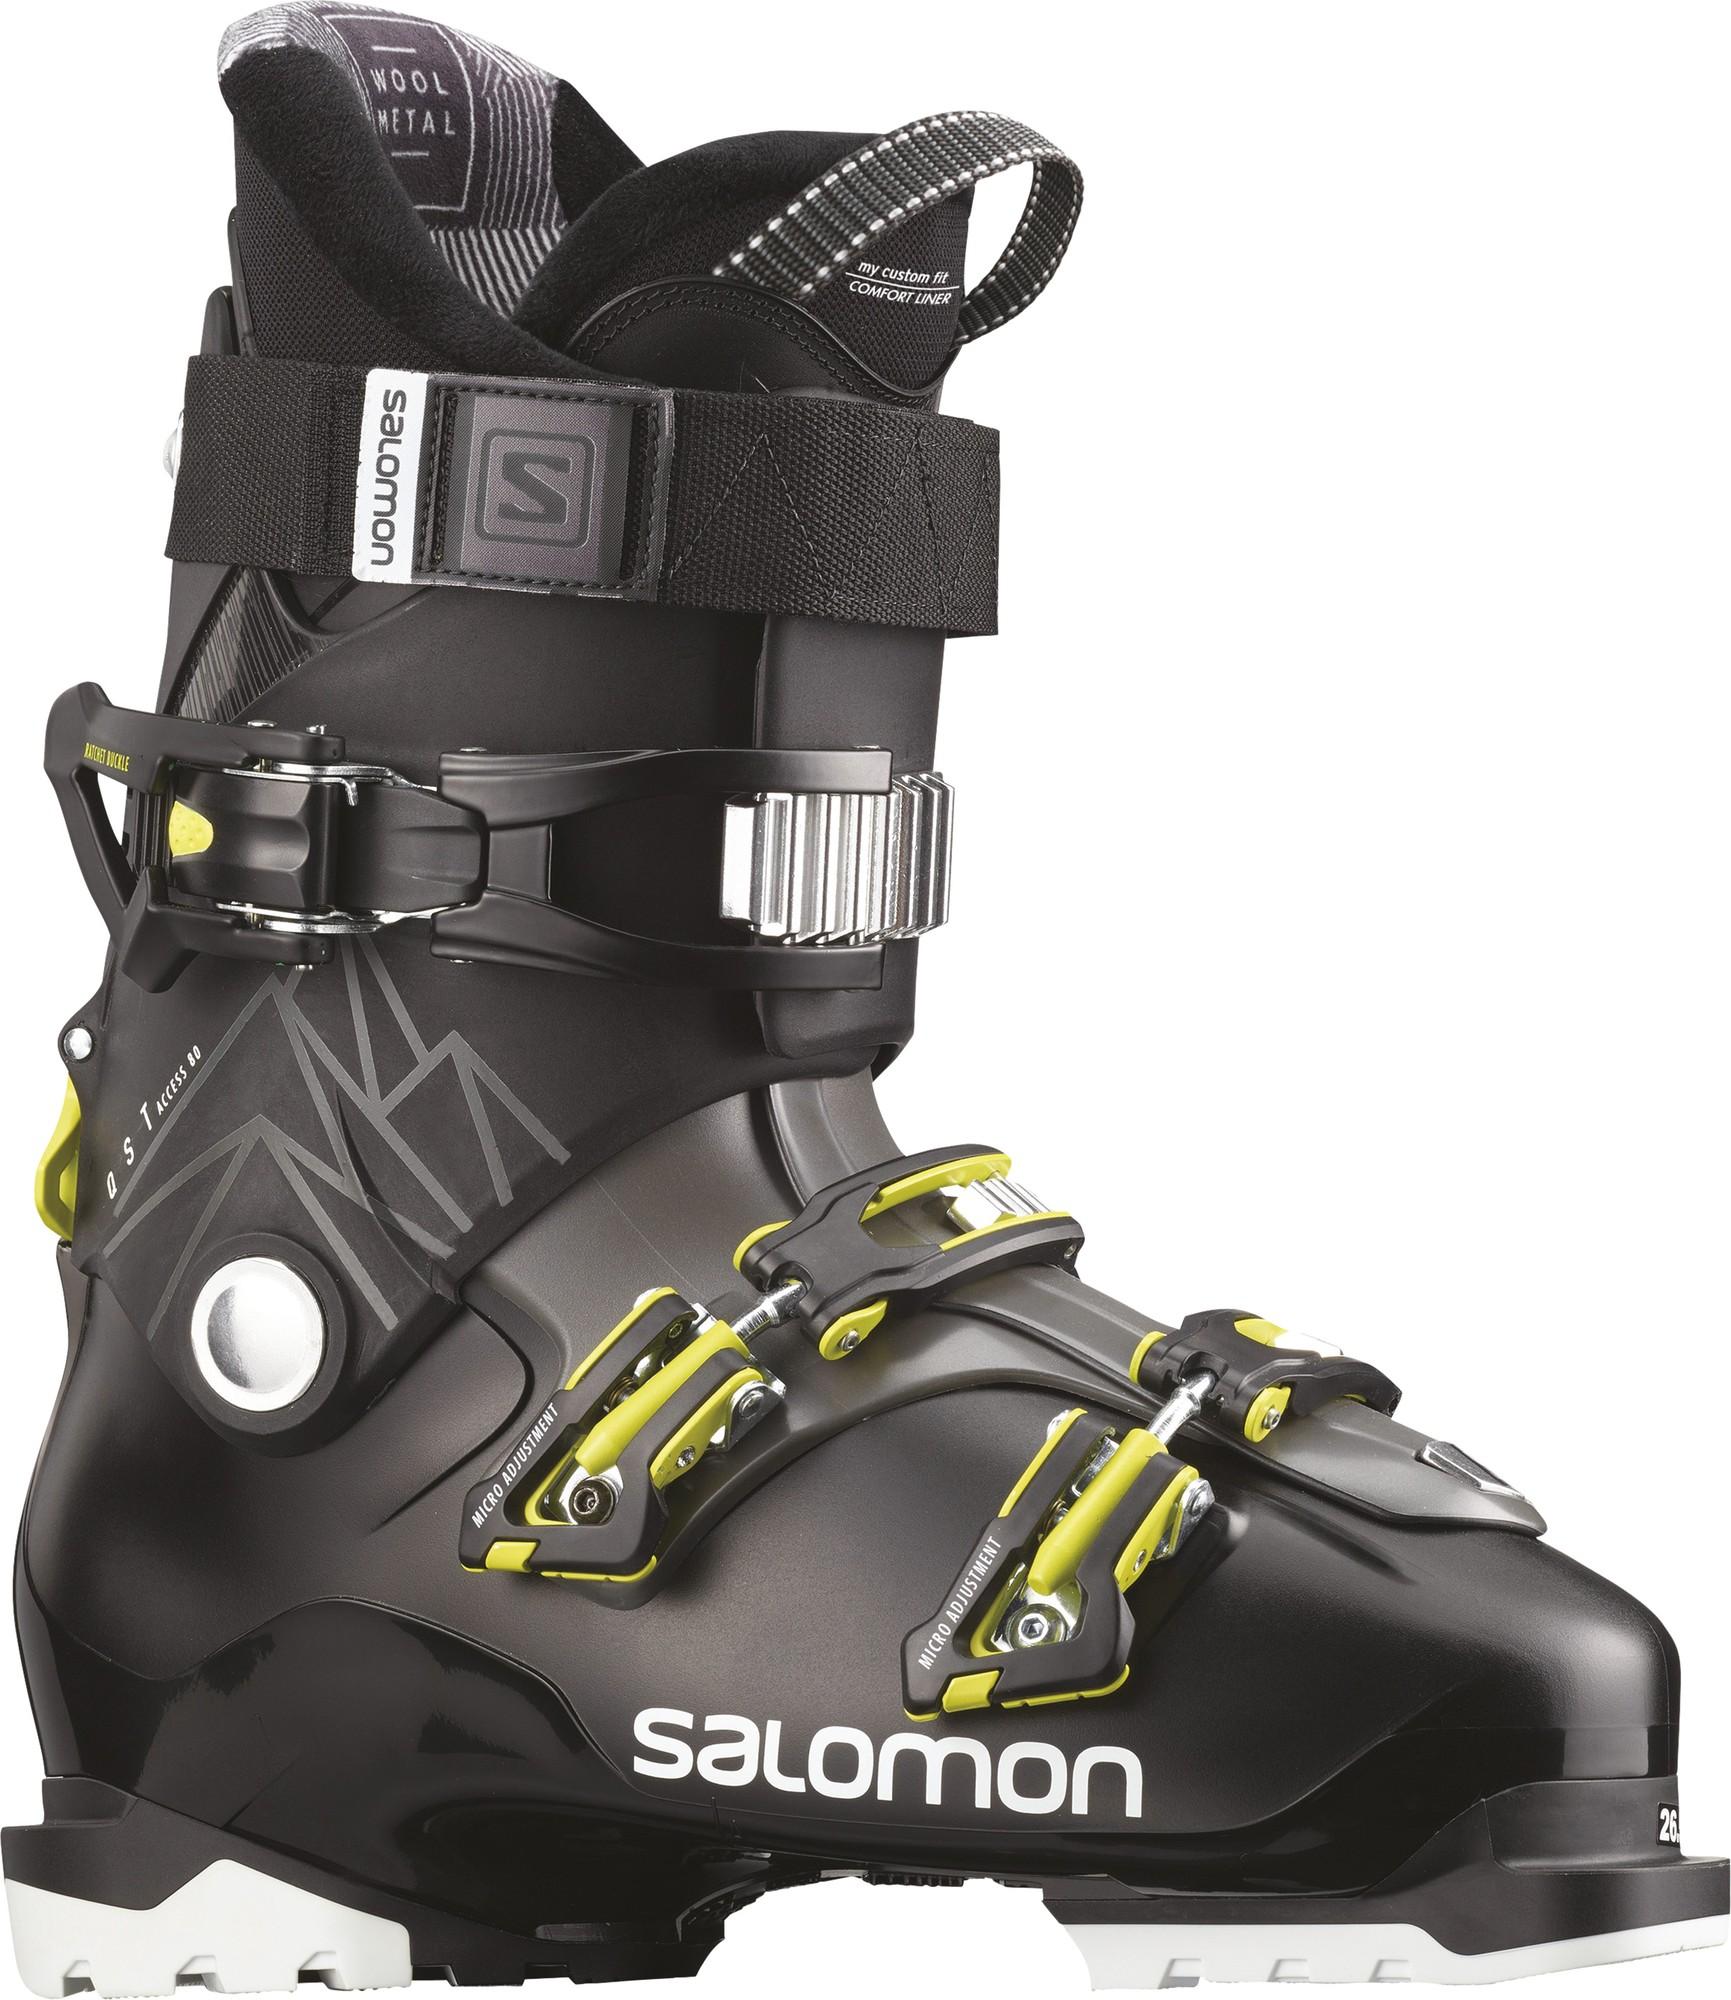 цена Salomon Ботинки горнолыжные Salomon QST Access 80, размер 30 см онлайн в 2017 году